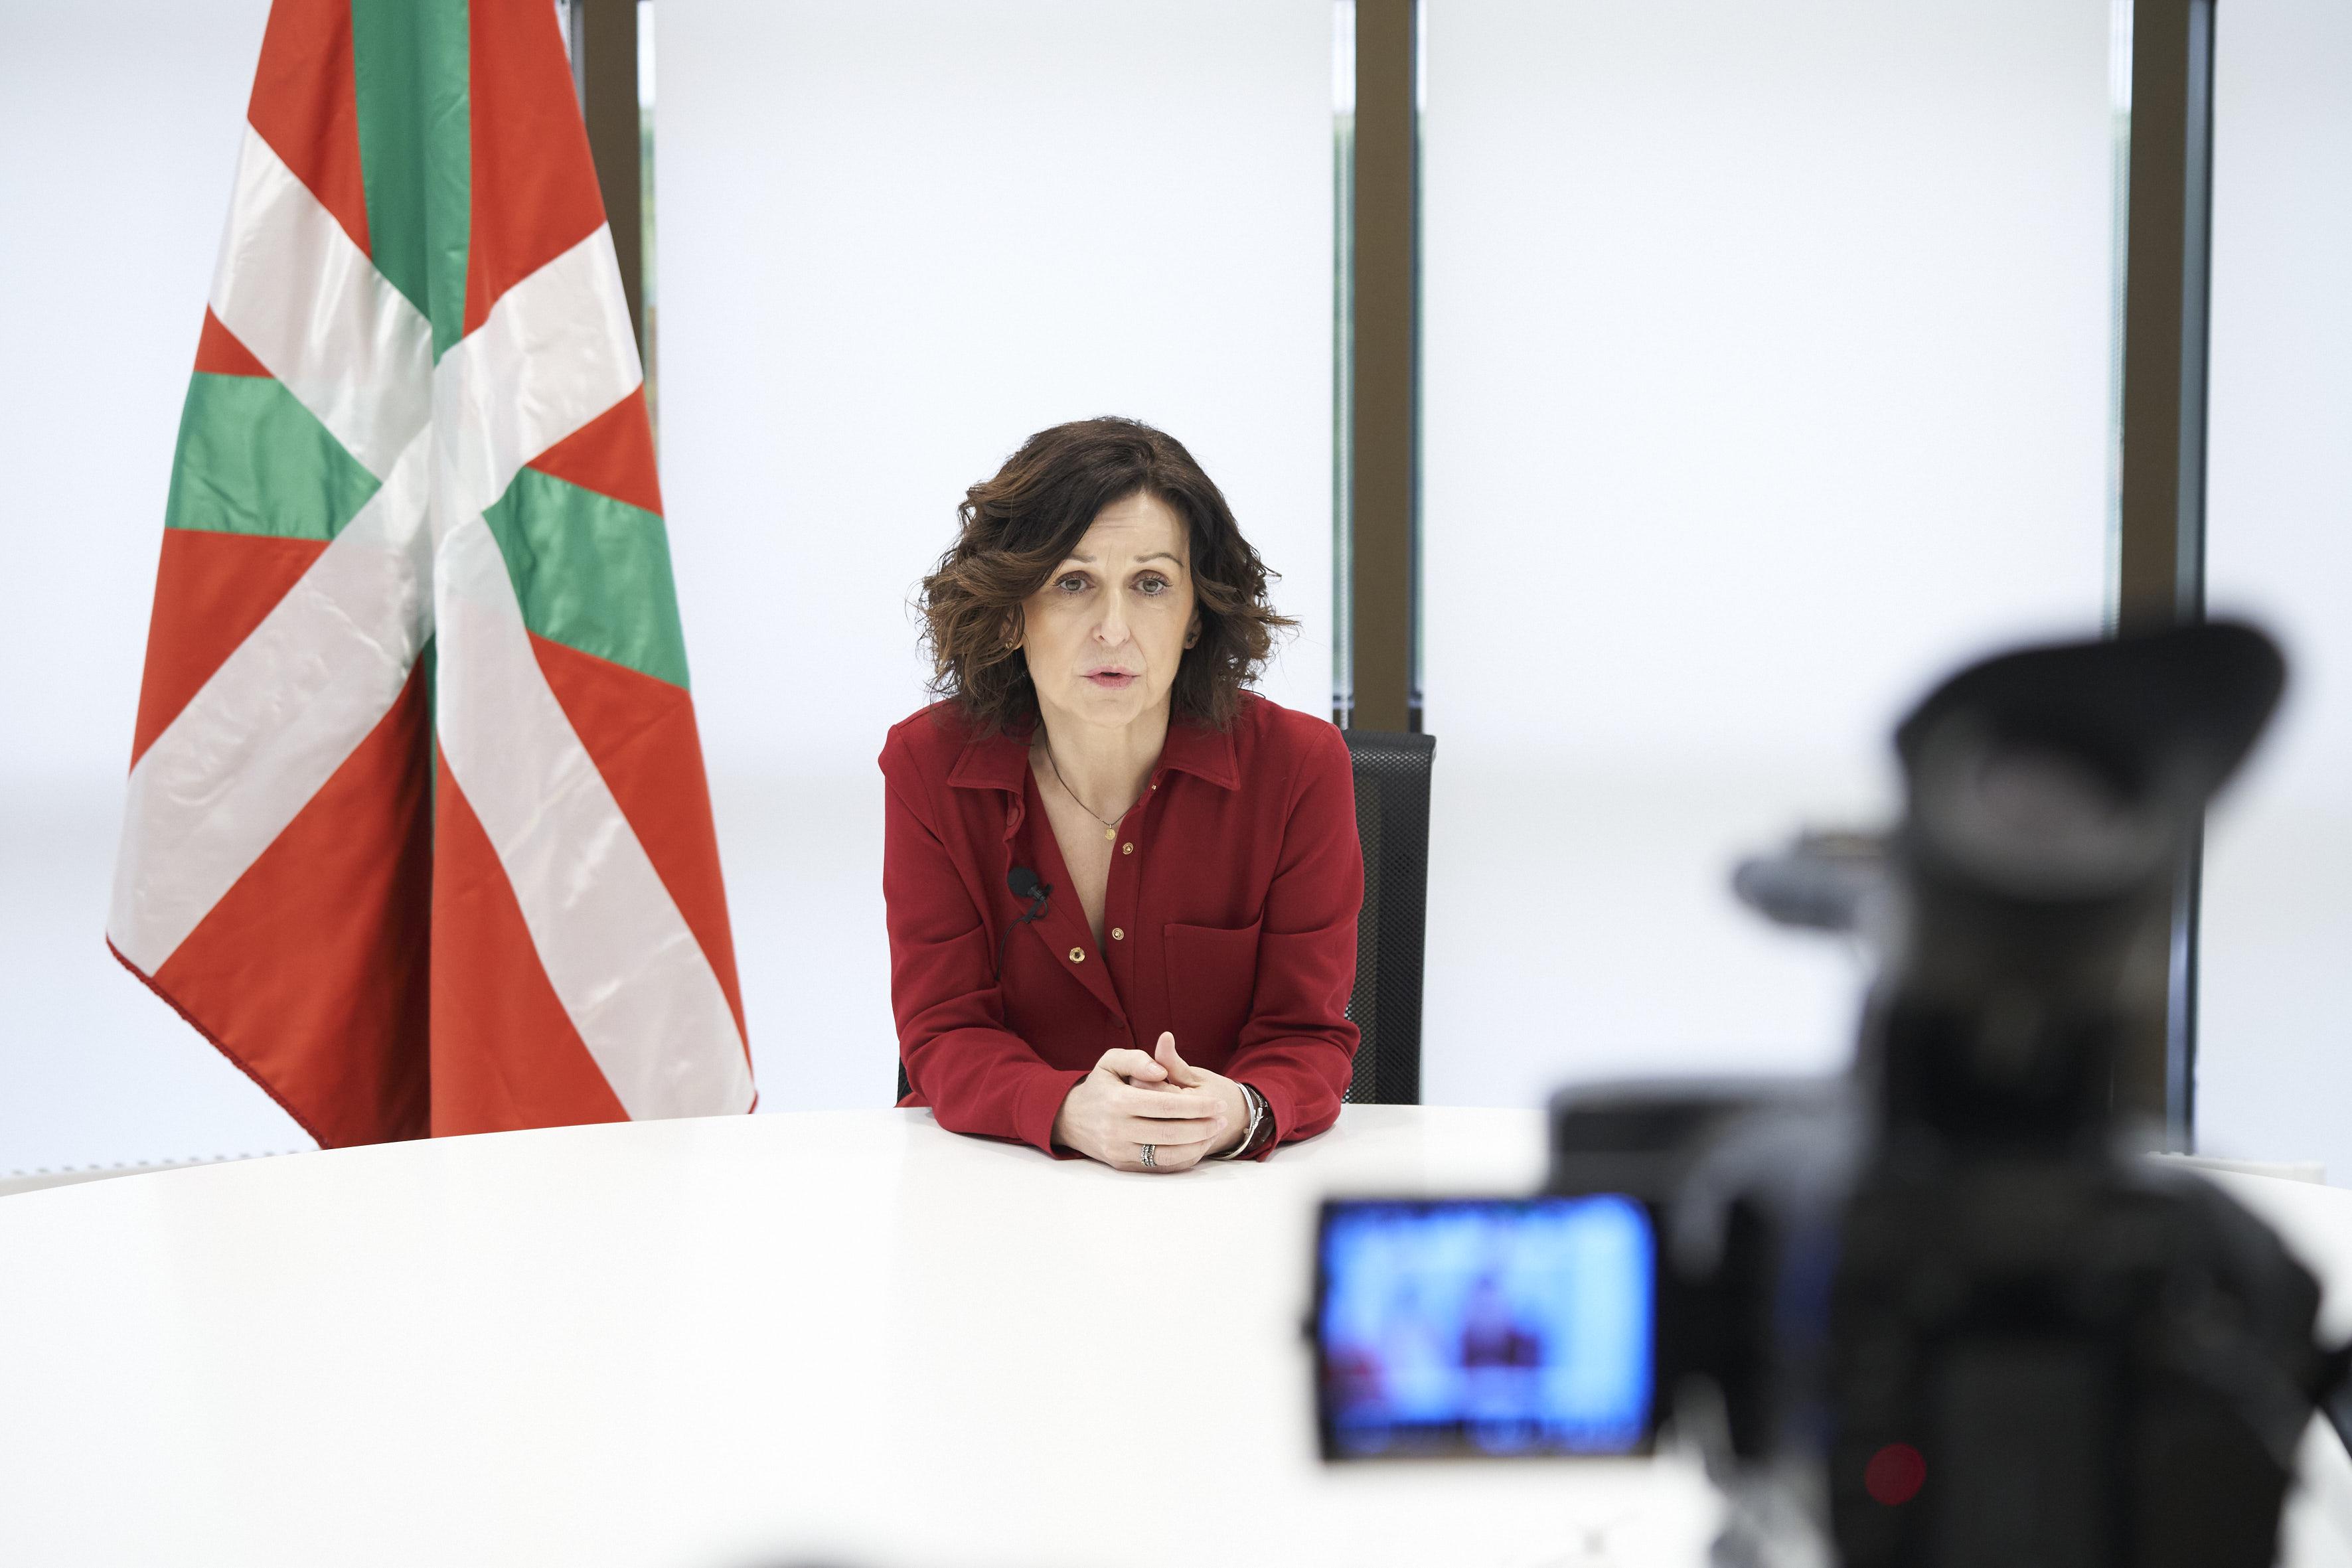 430 personas se han puesto en contacto con el Gobierno Vasco, de los que 268 ya han regresado a Euskadi y 23 han decidido quedarse